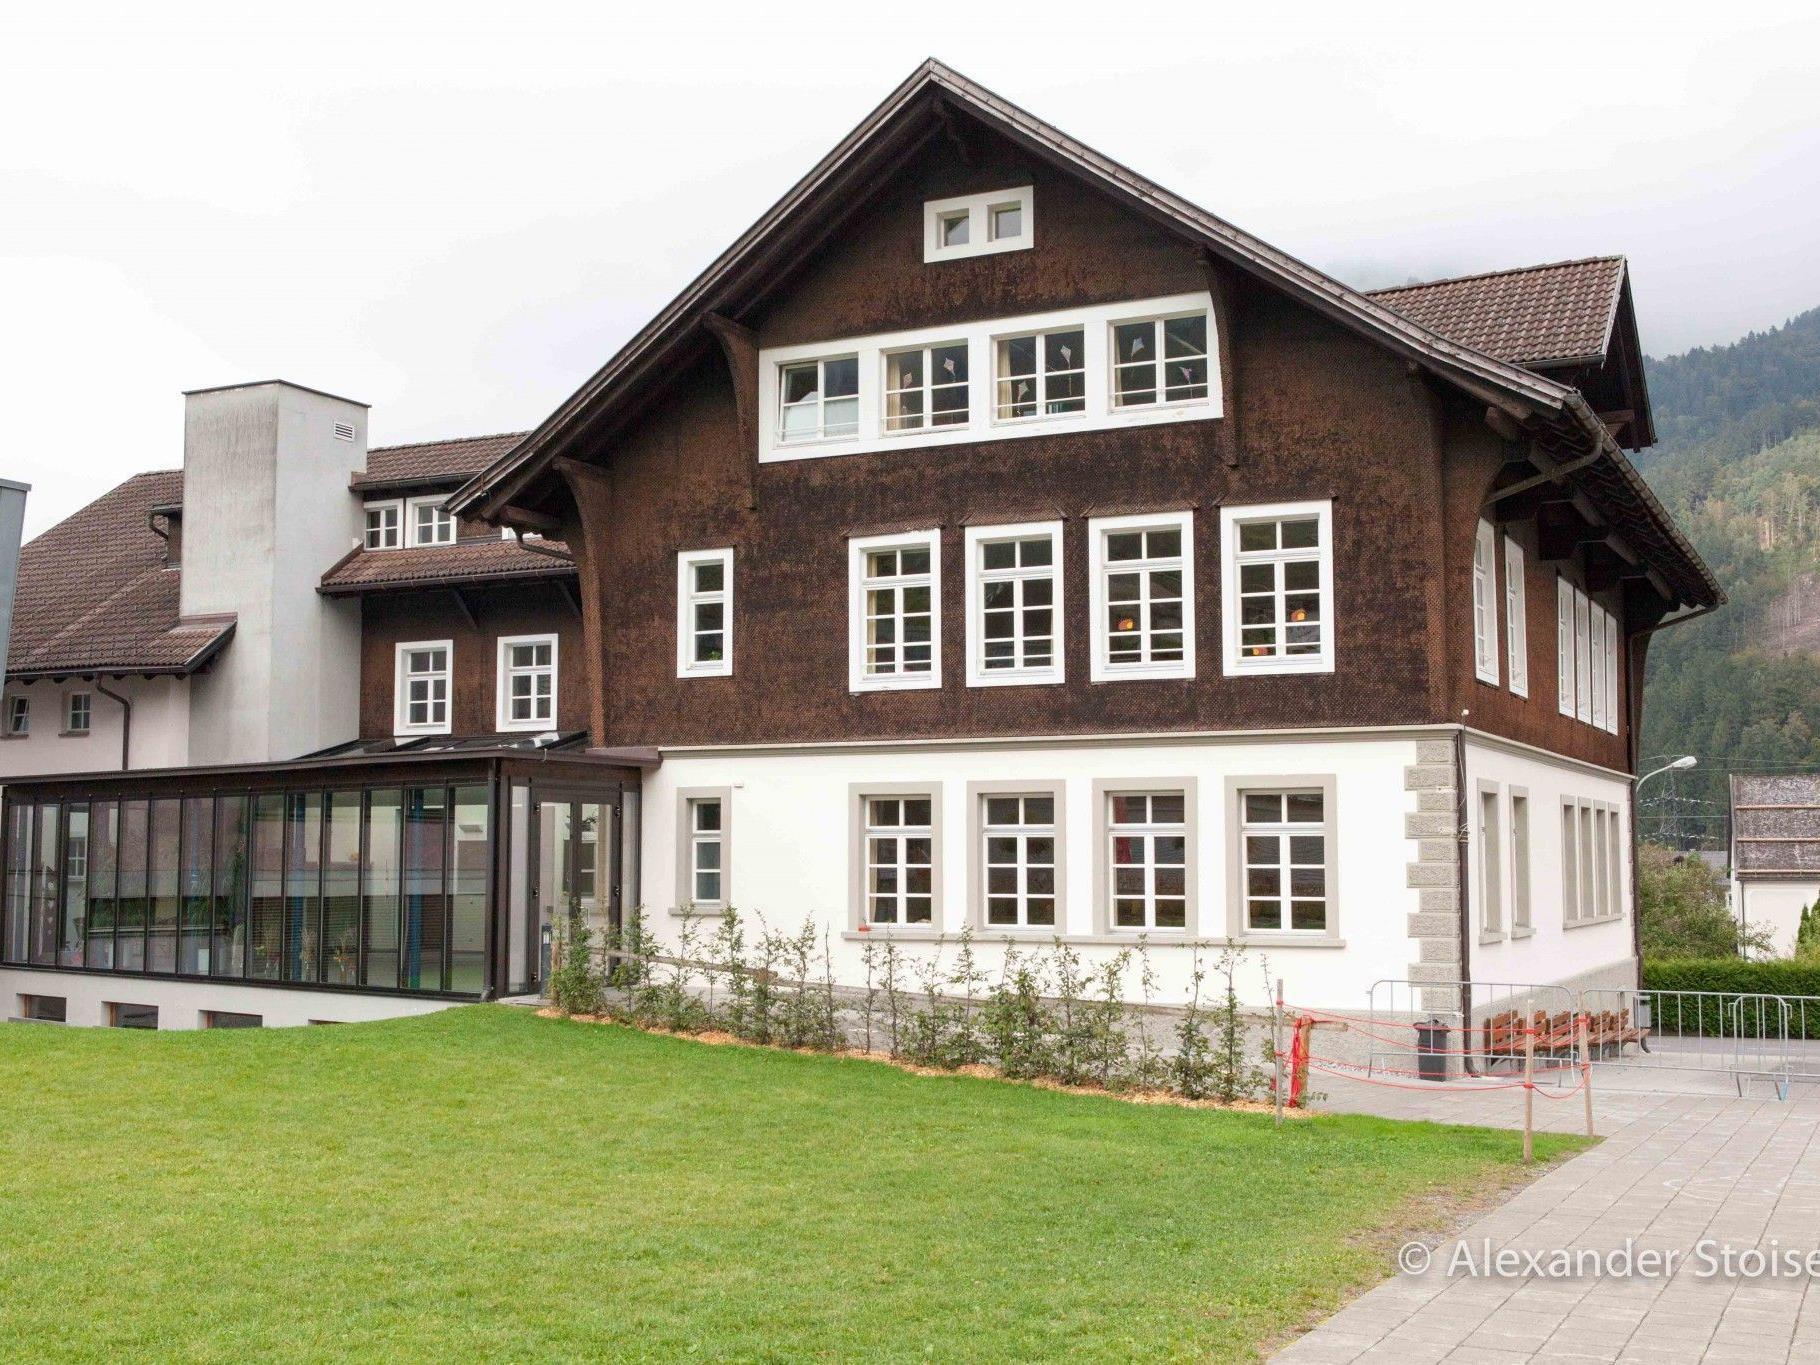 Kommen Sie um 19:30h zum Märchenabend im HPSZ-Vandans am Donnerstag, dem 25. Oktober 2012.